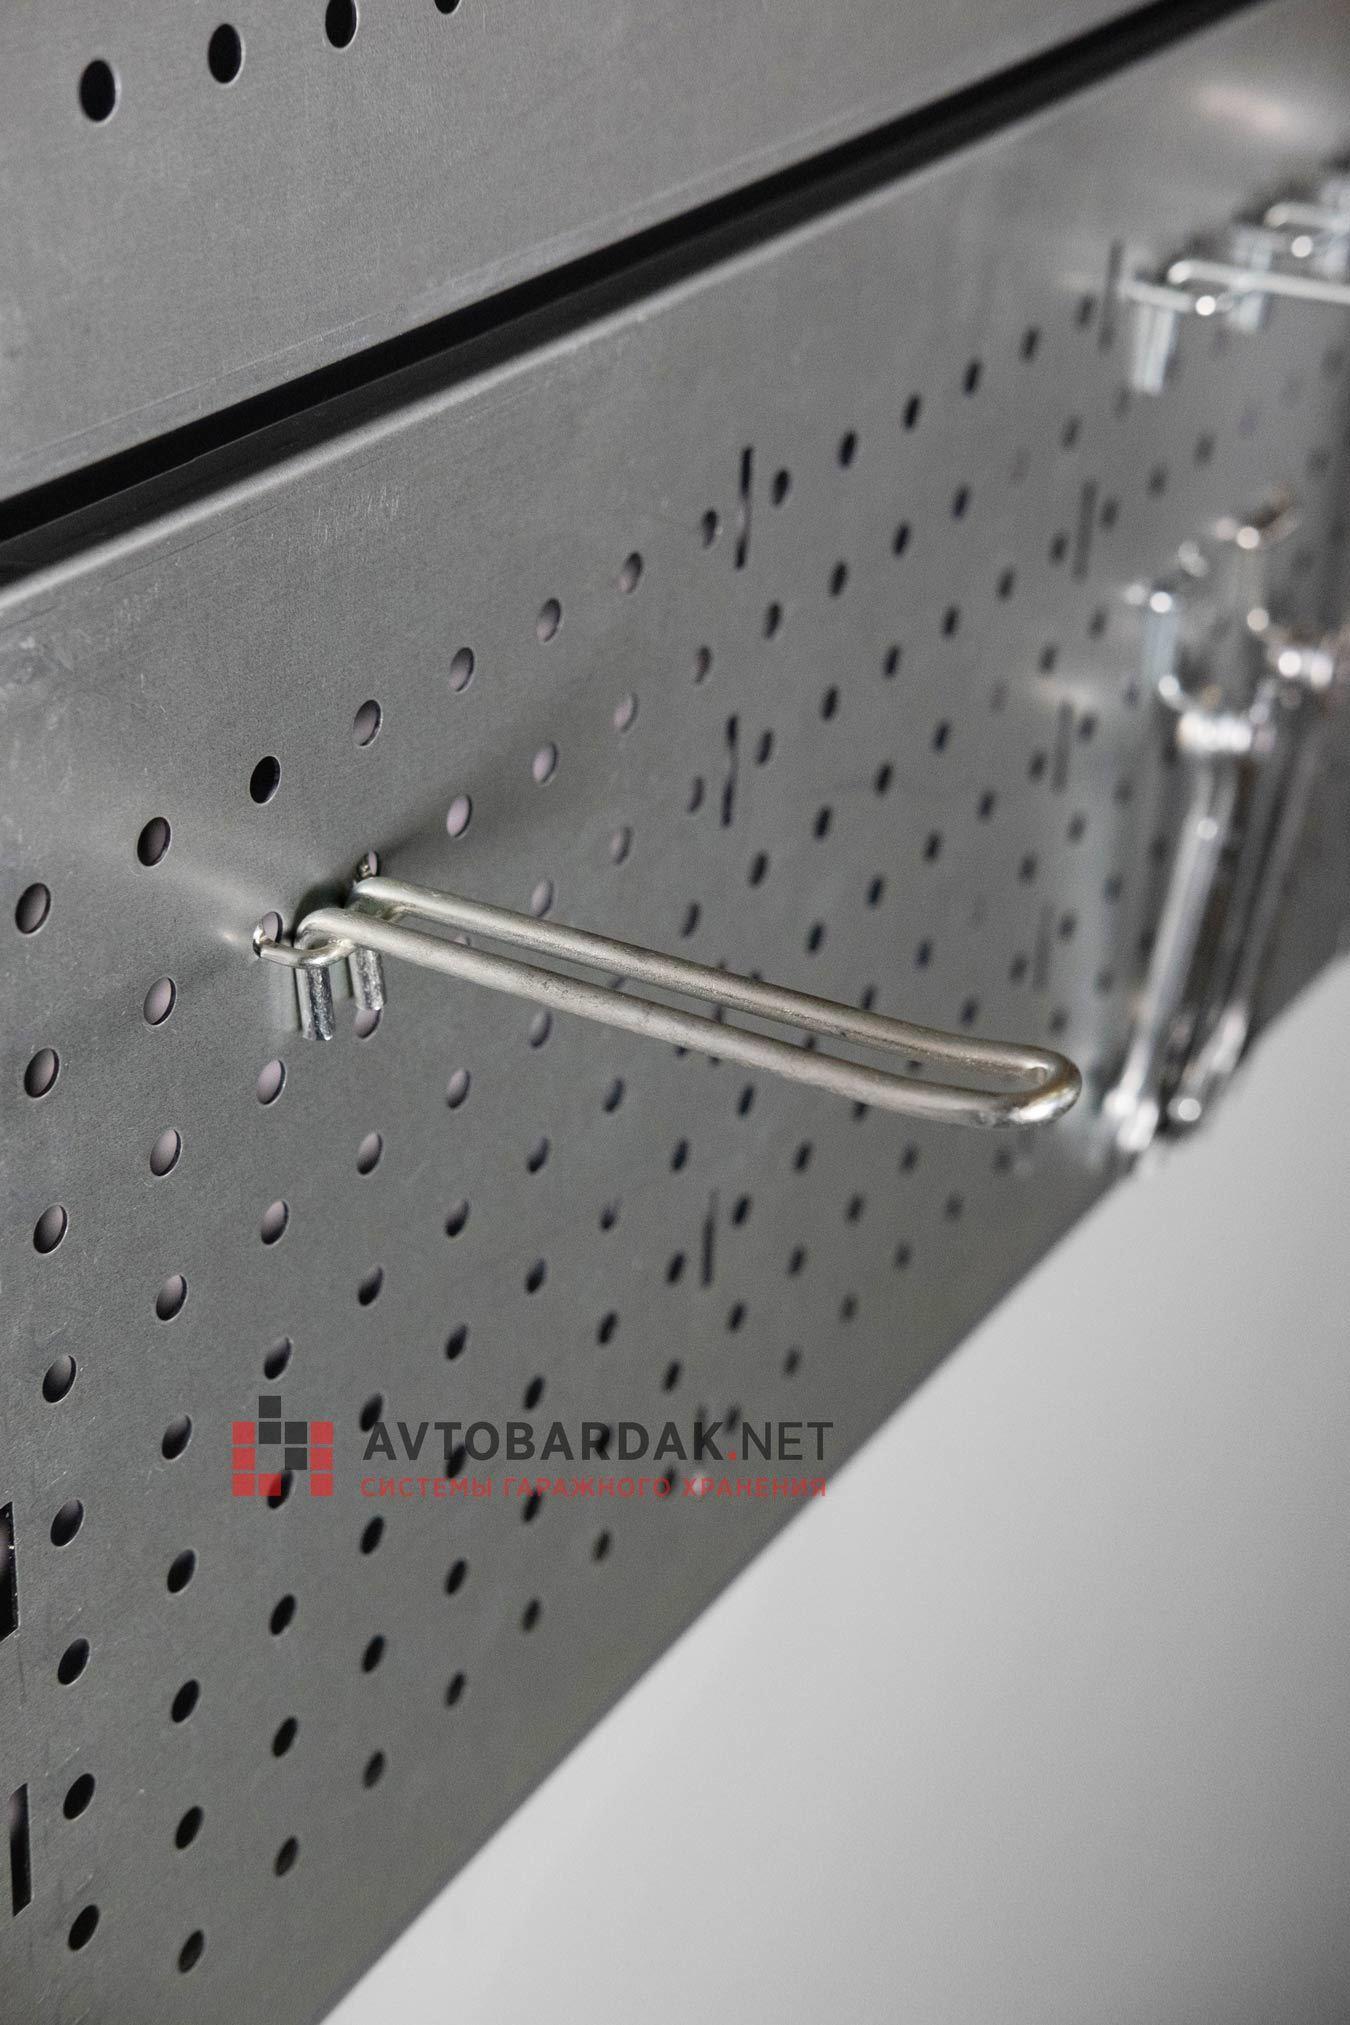 Двойной крючок (1 шт.) длиной 120 мм на металлическую перфопанель